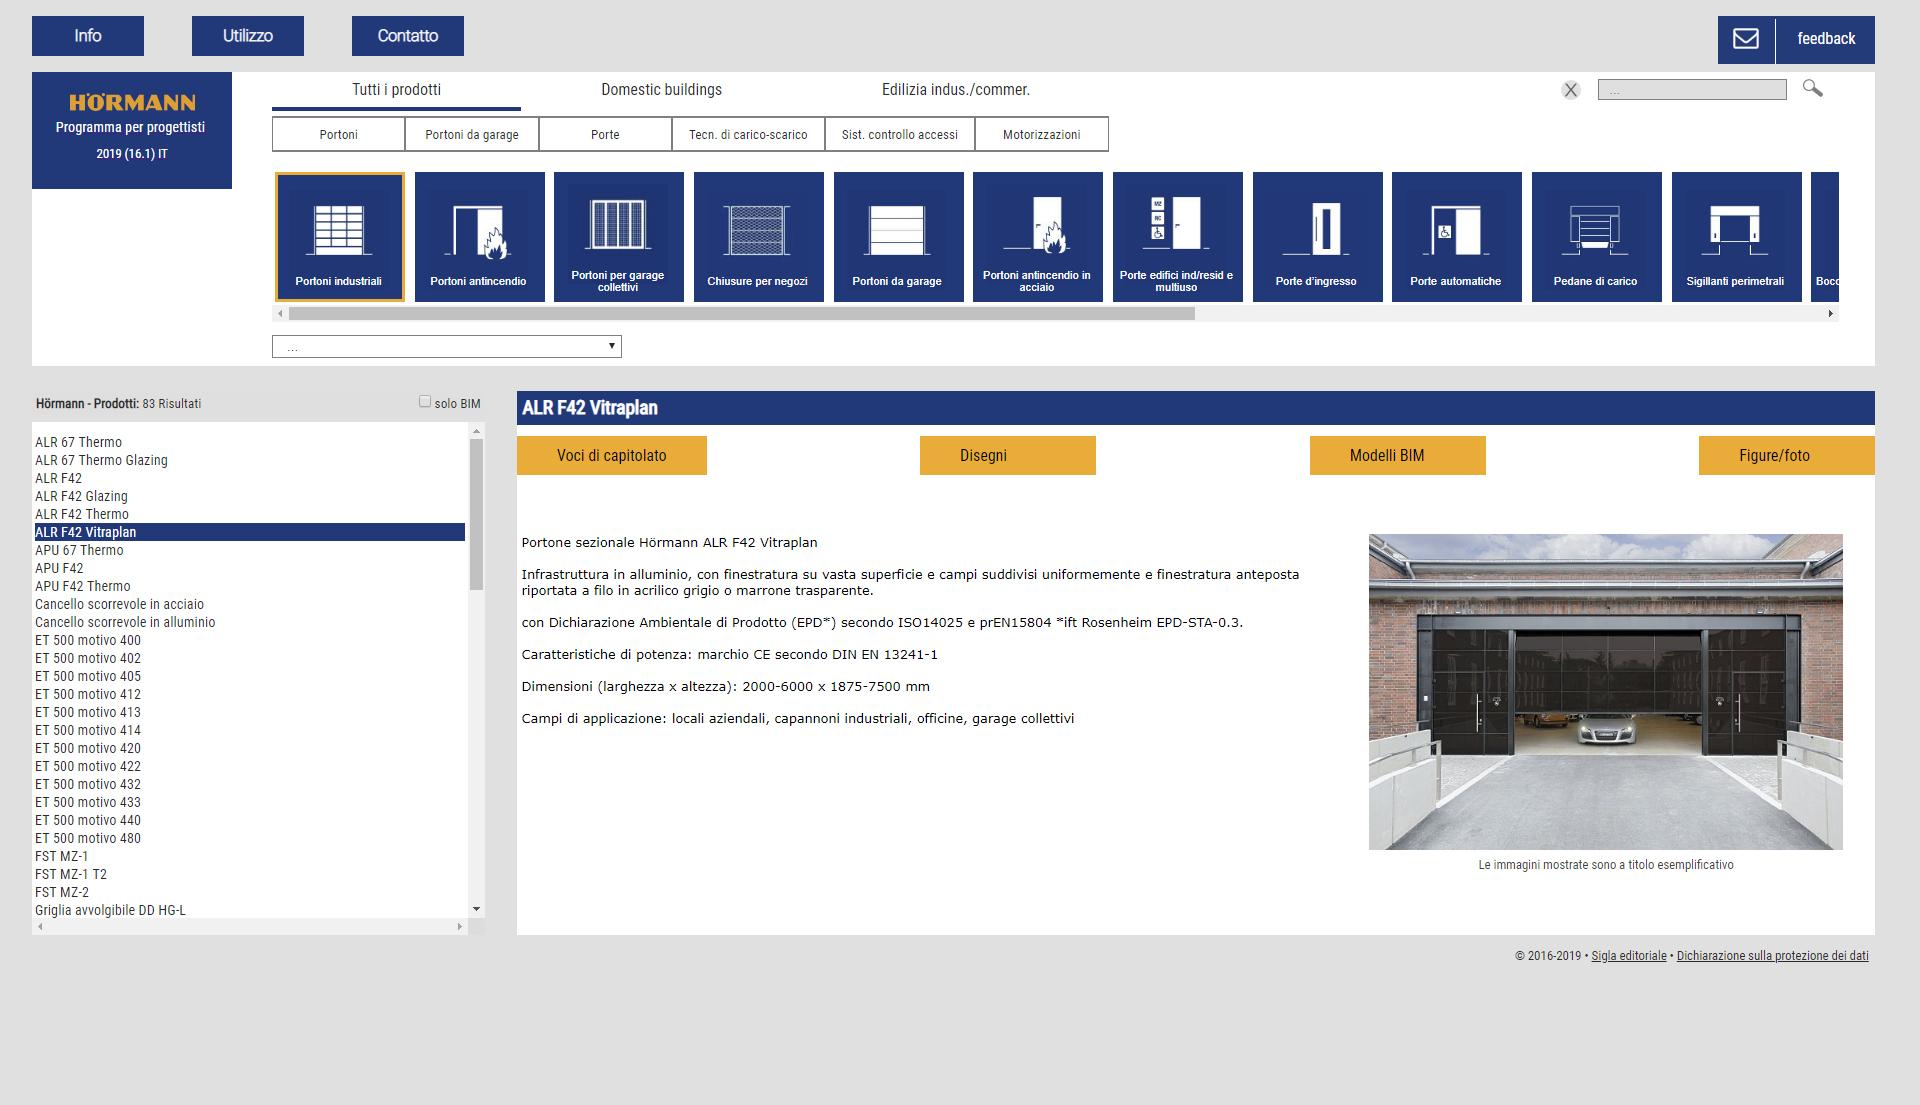 Programma Di Disegno Online.Programma Di Disegno Online